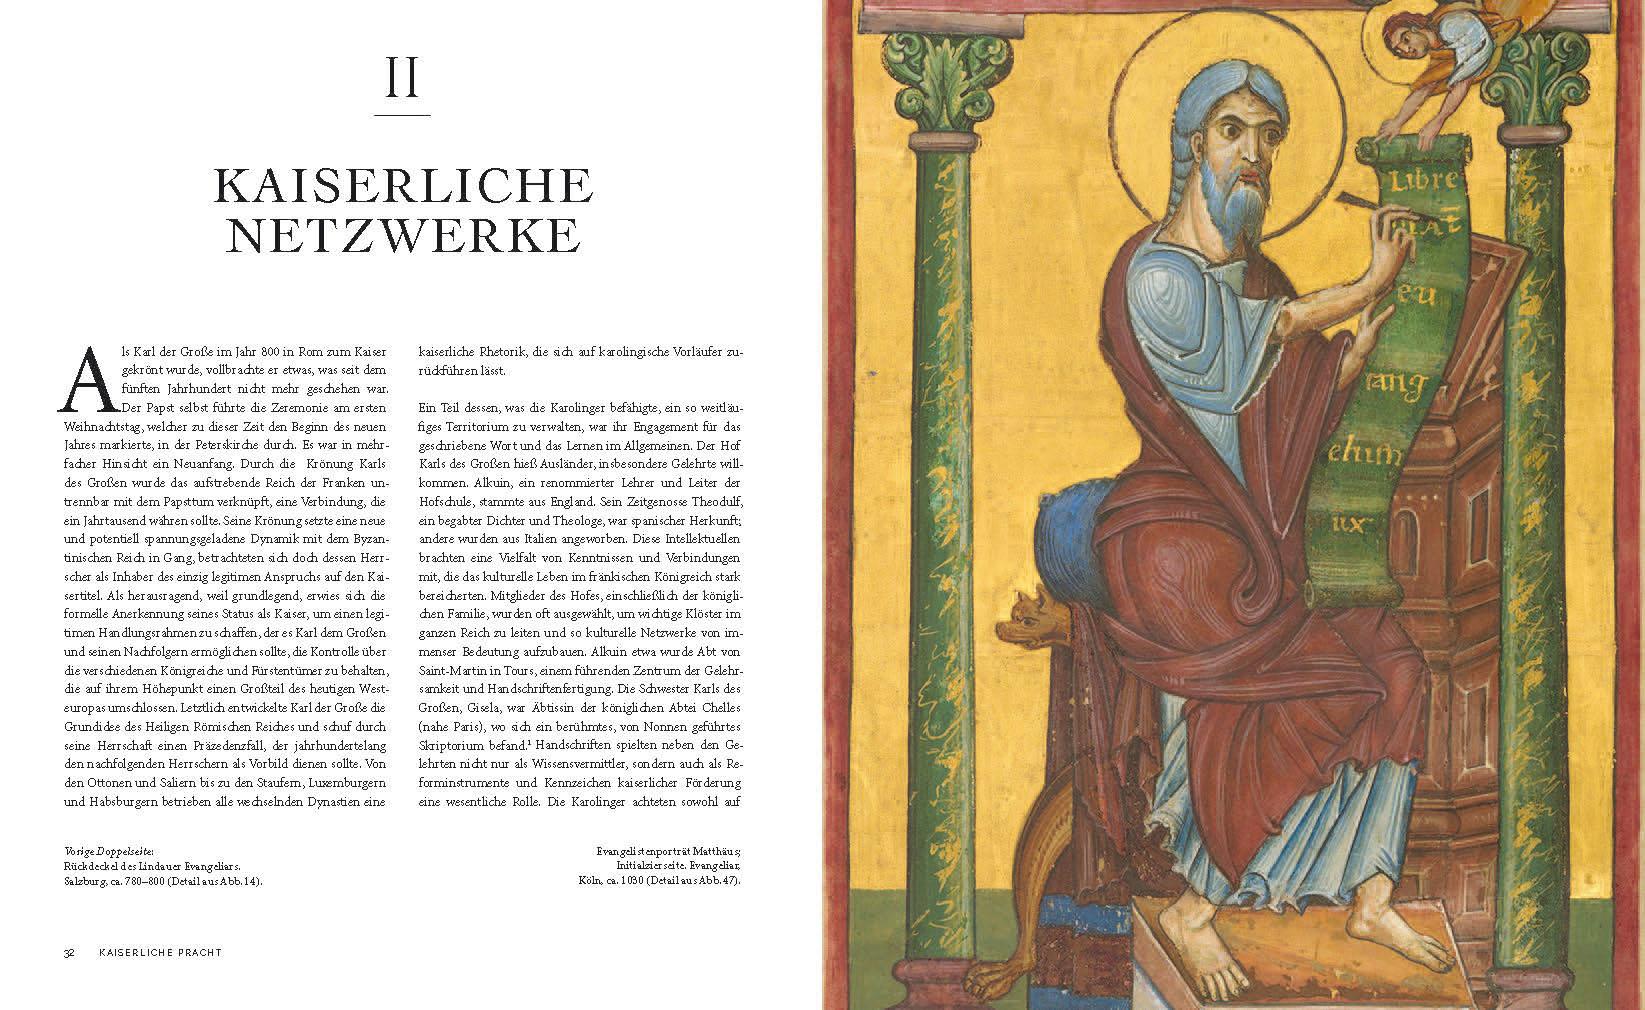 Kaiserliche Pracht, Kunstbuch-Edition, S. 32-33